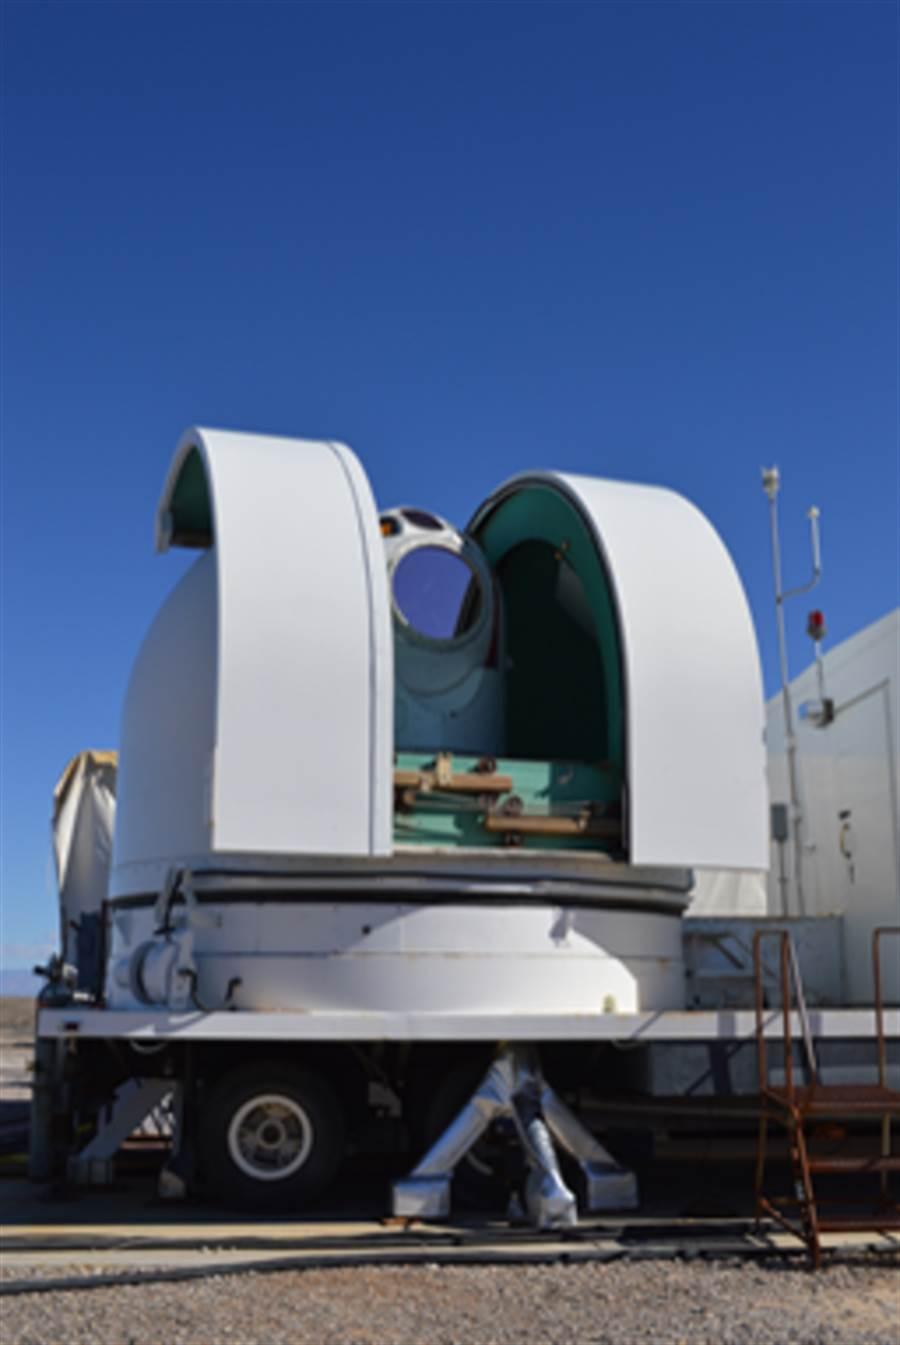 洛馬的地面雷射砲成功的擊落飛行中的飛彈,這是雷射武器開發的首例。(圖/美國空軍)